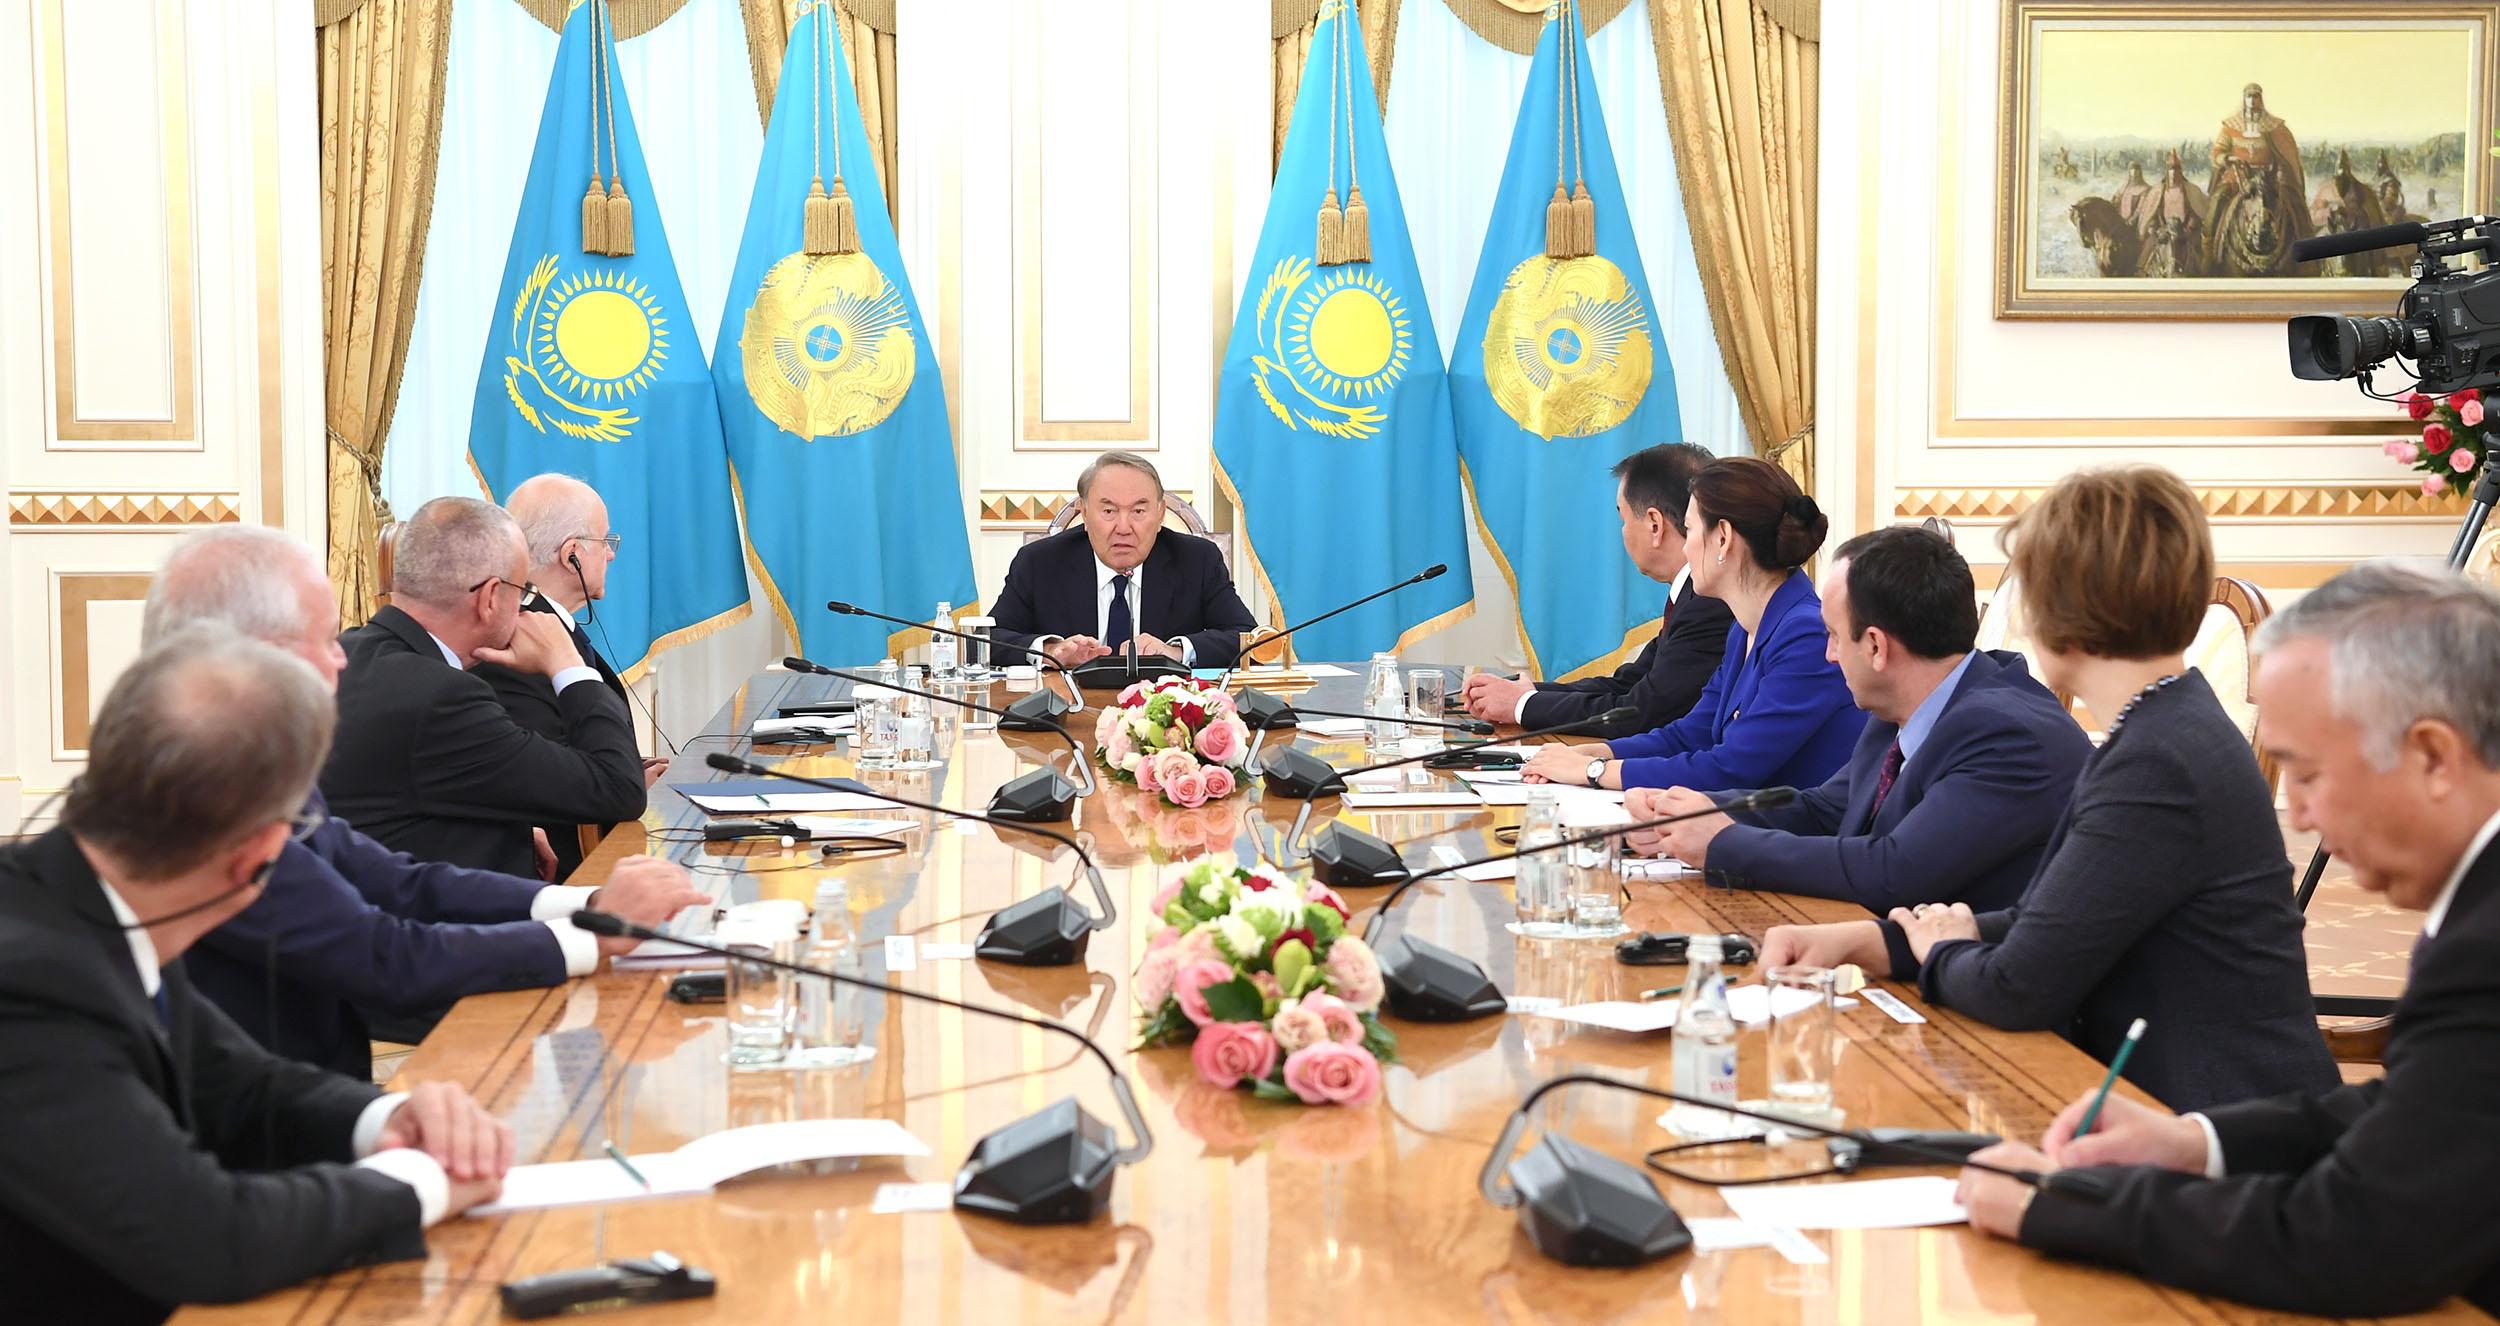 Нурсултан Назарбаев встретился с участниками международной конференции, посвященной Дню Конституции РК